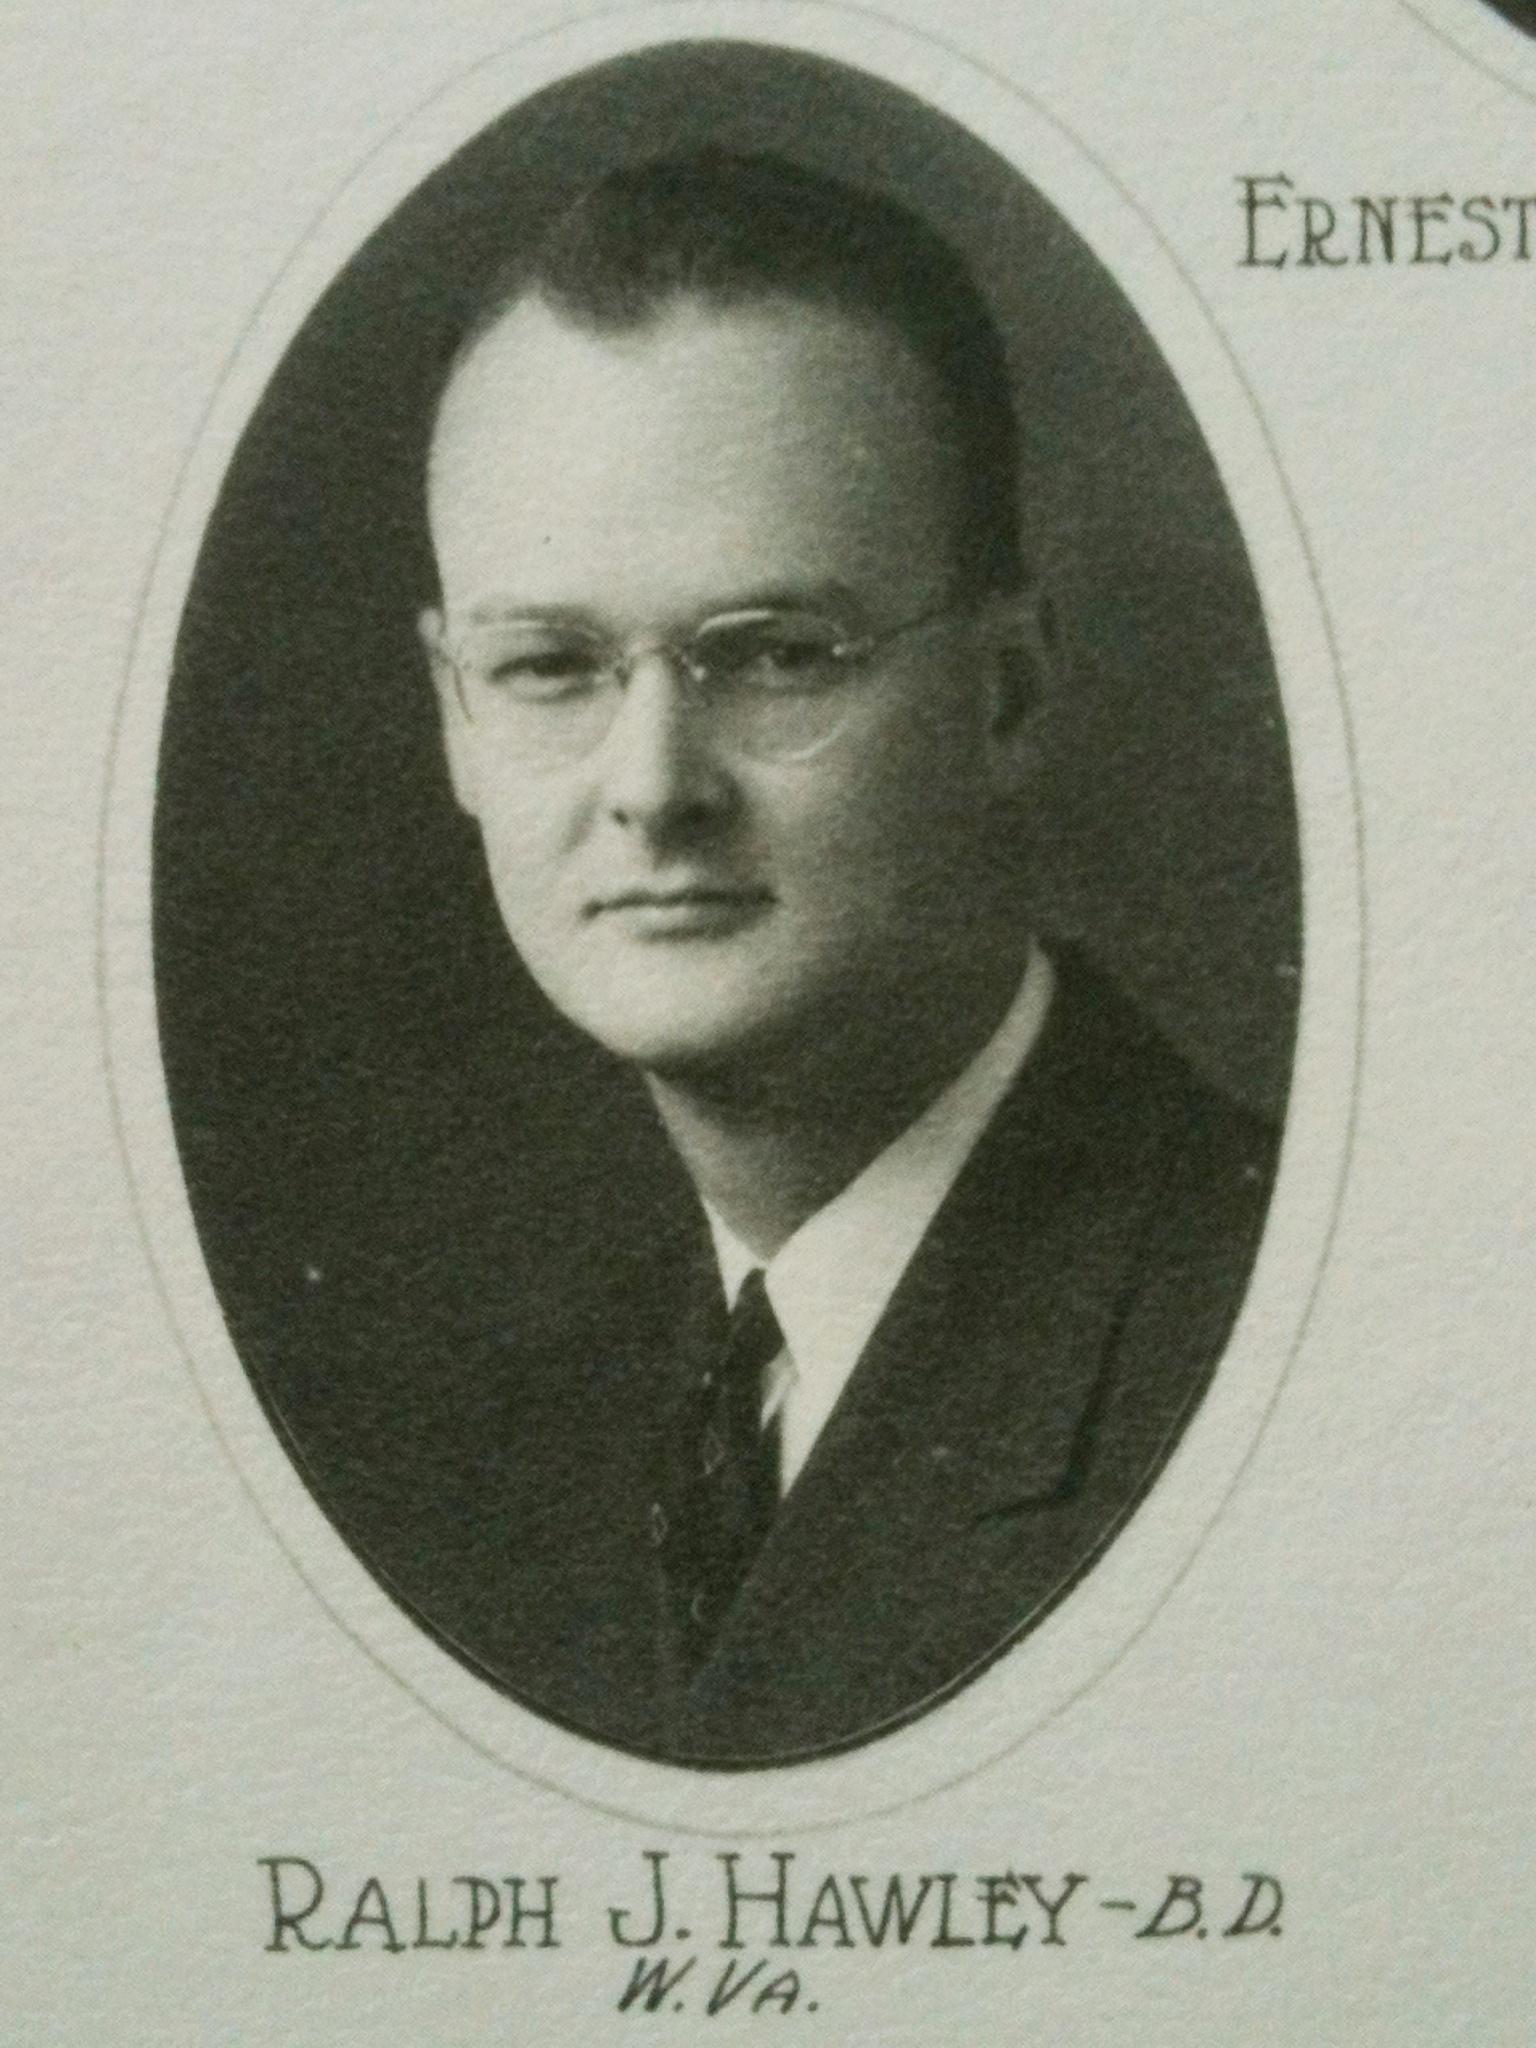 Ralph J. Hawley